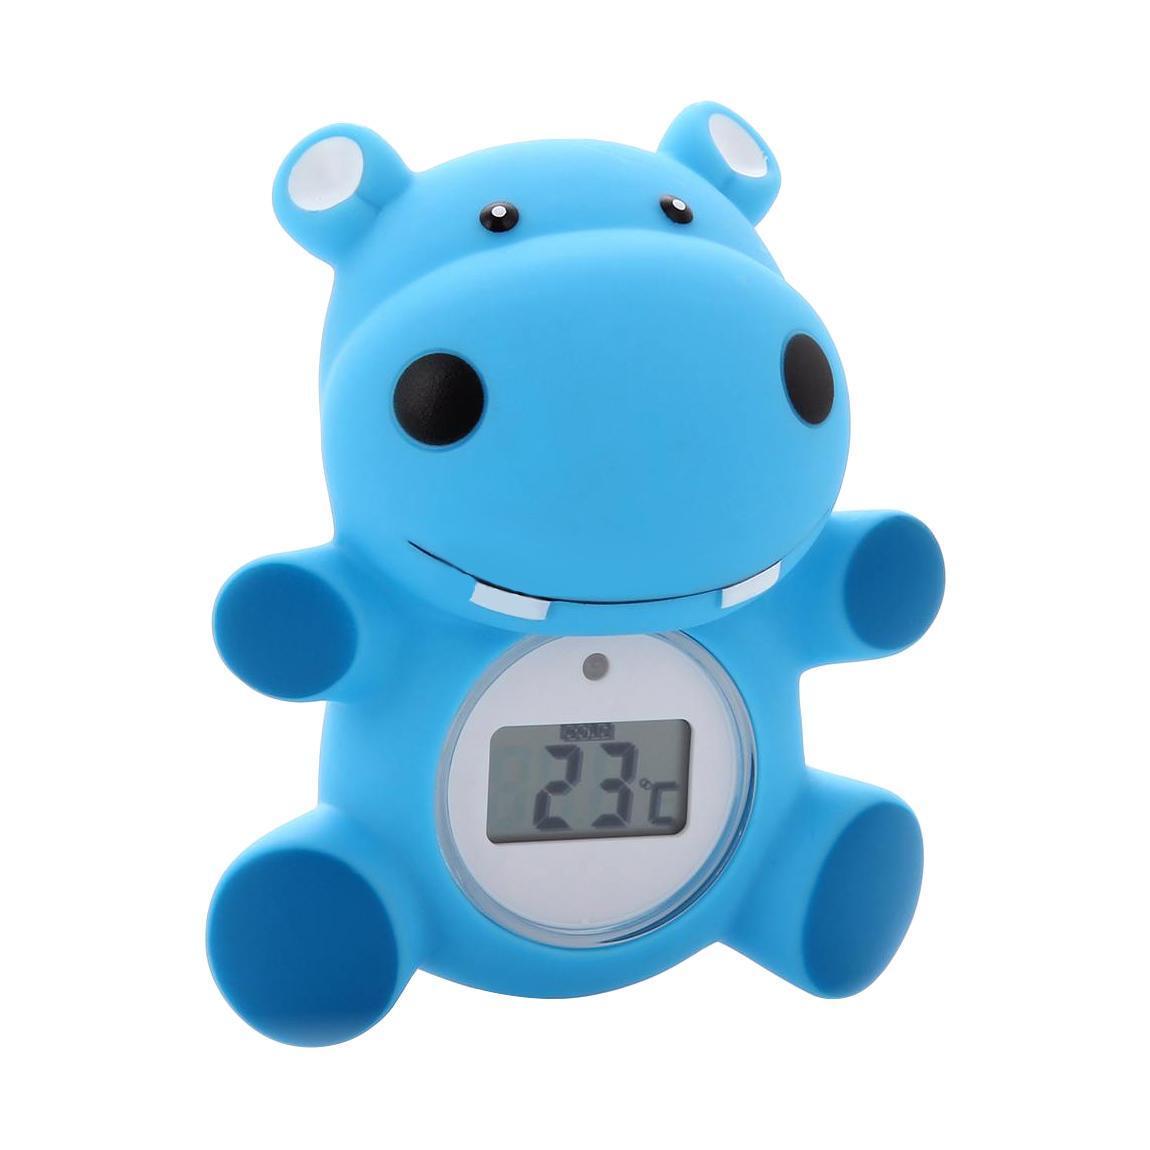 """Детский термометр для ванны в виде забавной игрушки поможет мамам более точно контролировать температуру воды при купании ребенка. Так же термометр """"Maman"""" позволяет измерять комнатную температуру. Диапазон измерения составляет от 0 °C до 50 °C."""